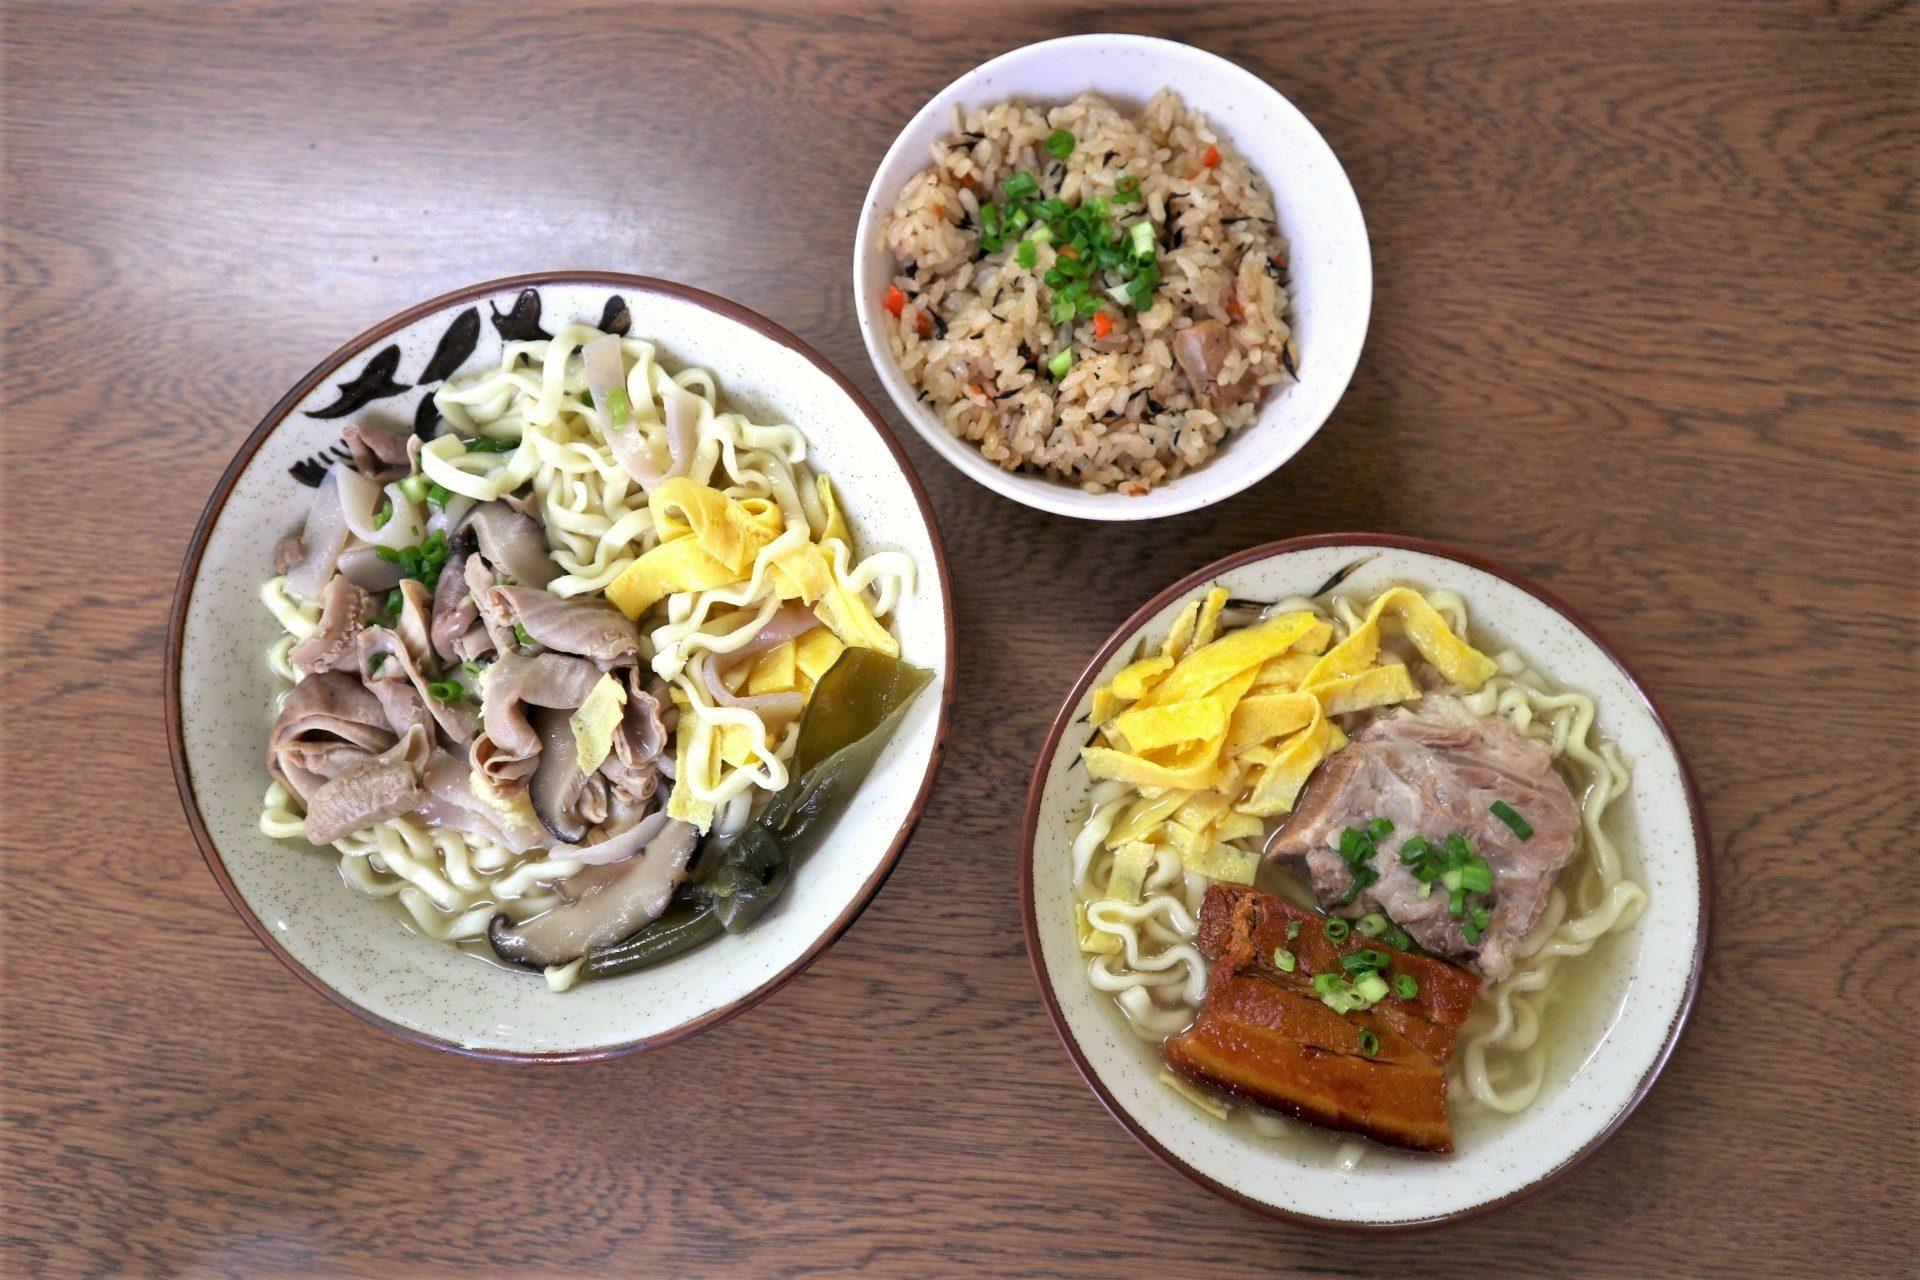 浜屋そば 沖縄そば 北谷町 ランチ 昼ご飯 おすすめ 沖縄